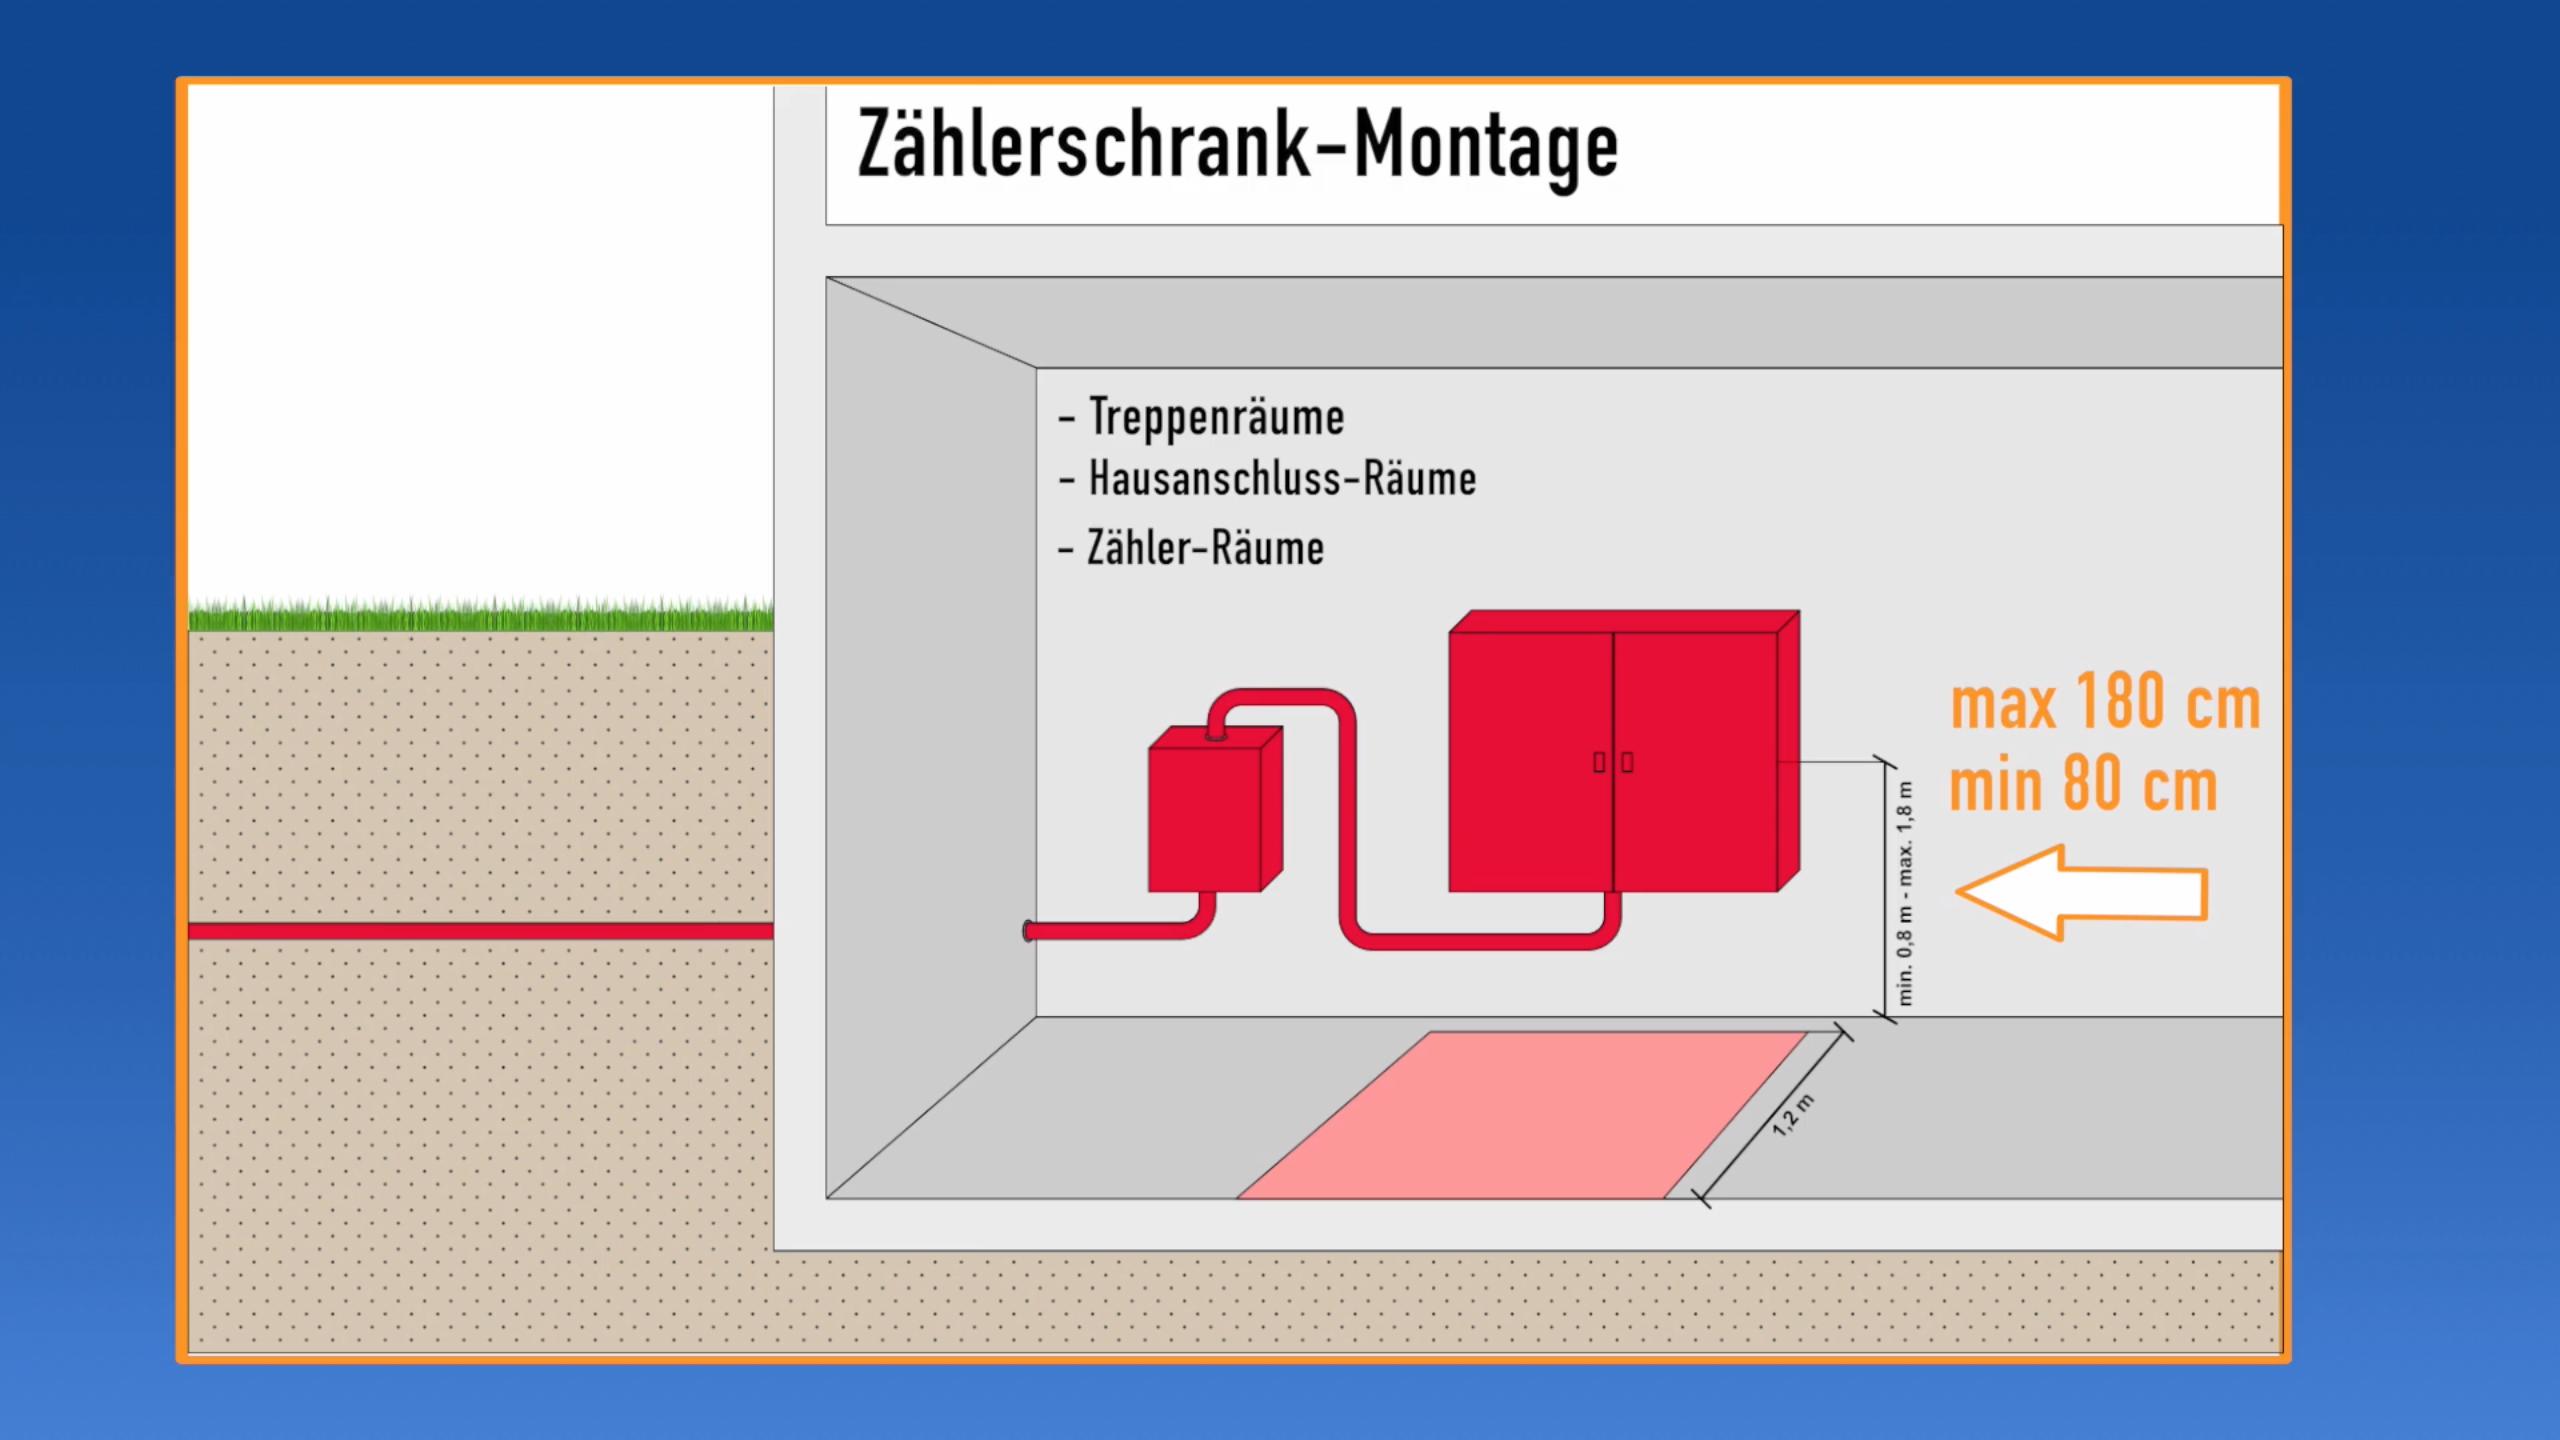 Zahlerschrank Montage Und Verdrahtung Elektroinstallation Elektro Elektroinstallation Selber Machen